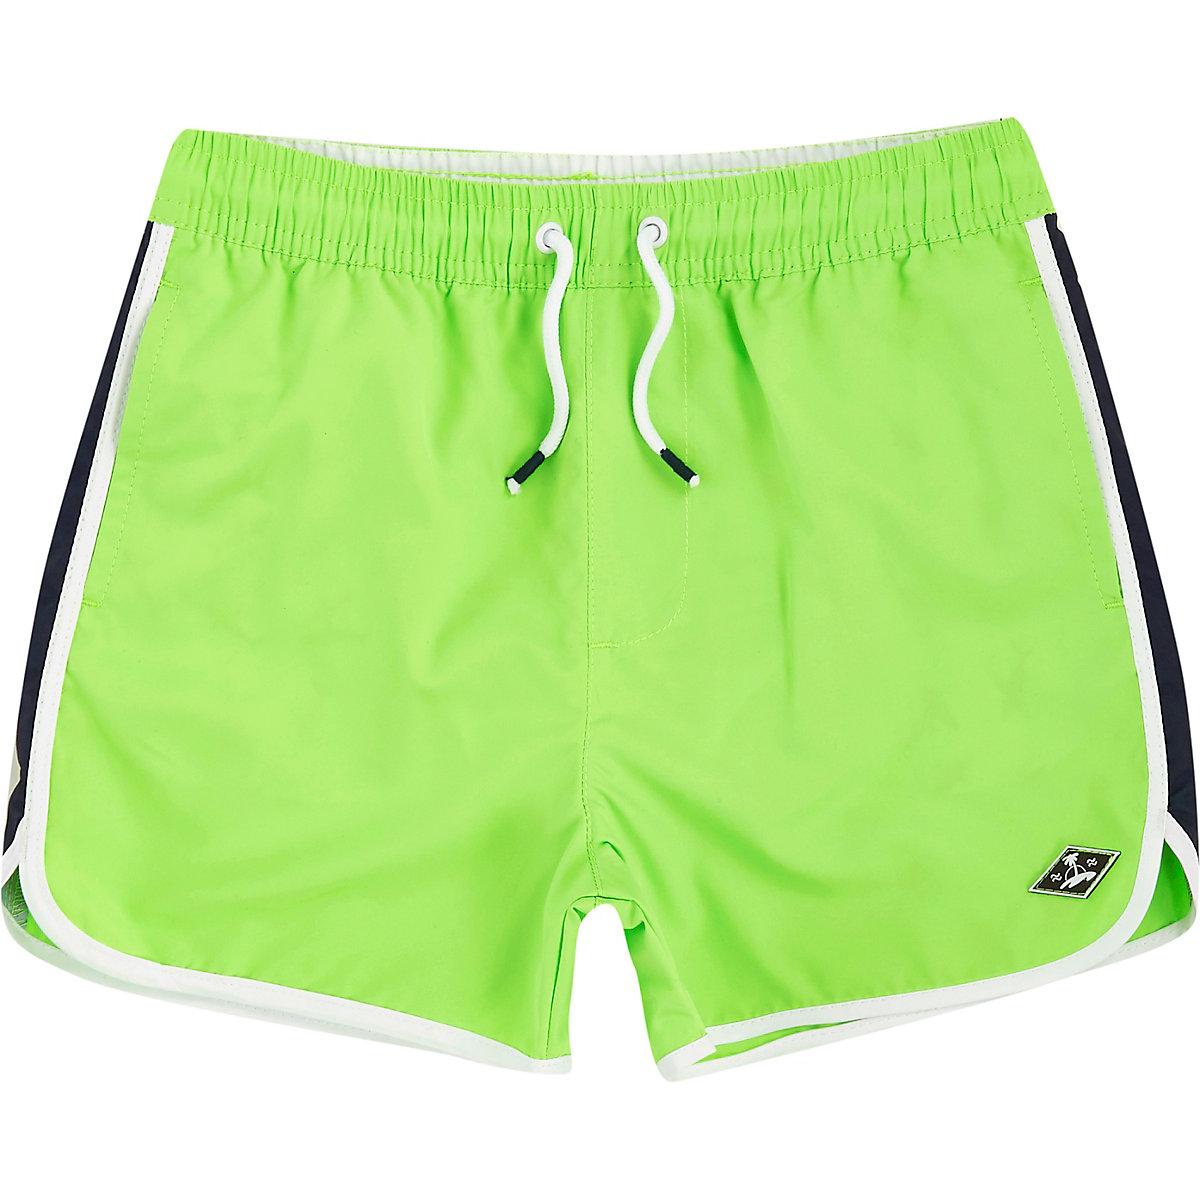 Boys bright green runner swim trunks